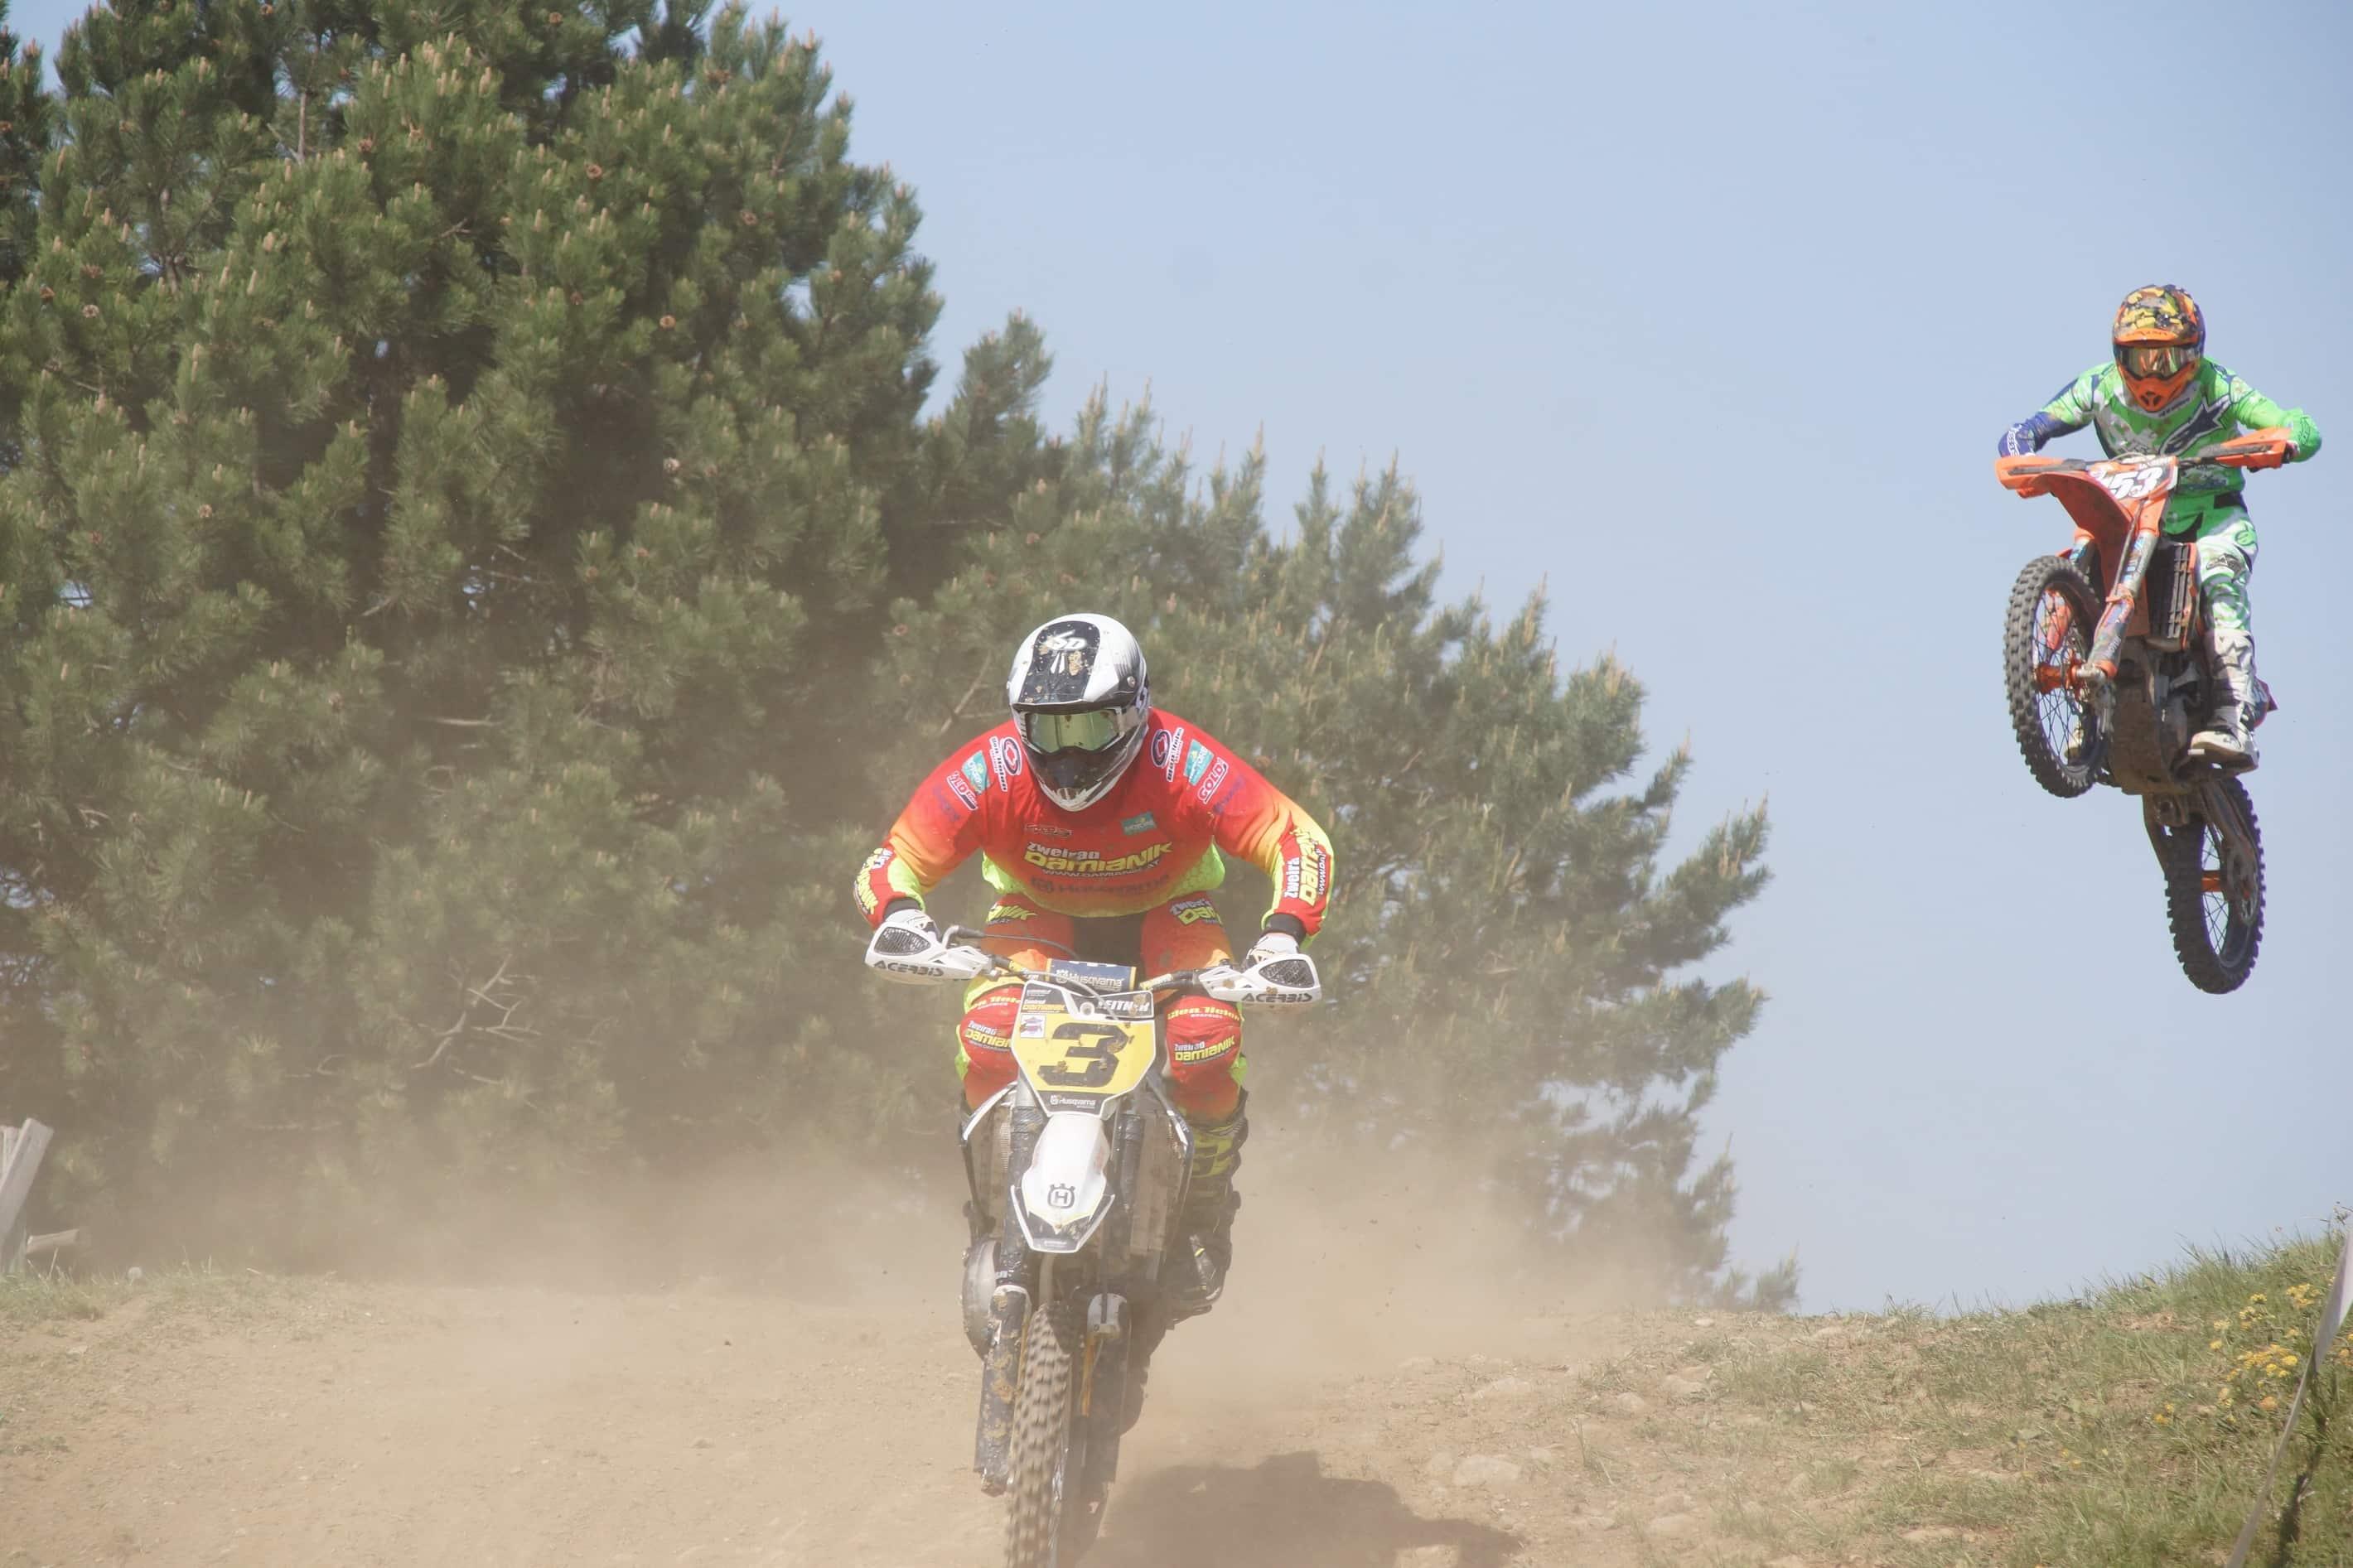 DSC1019_Moto Cross Sittendorf